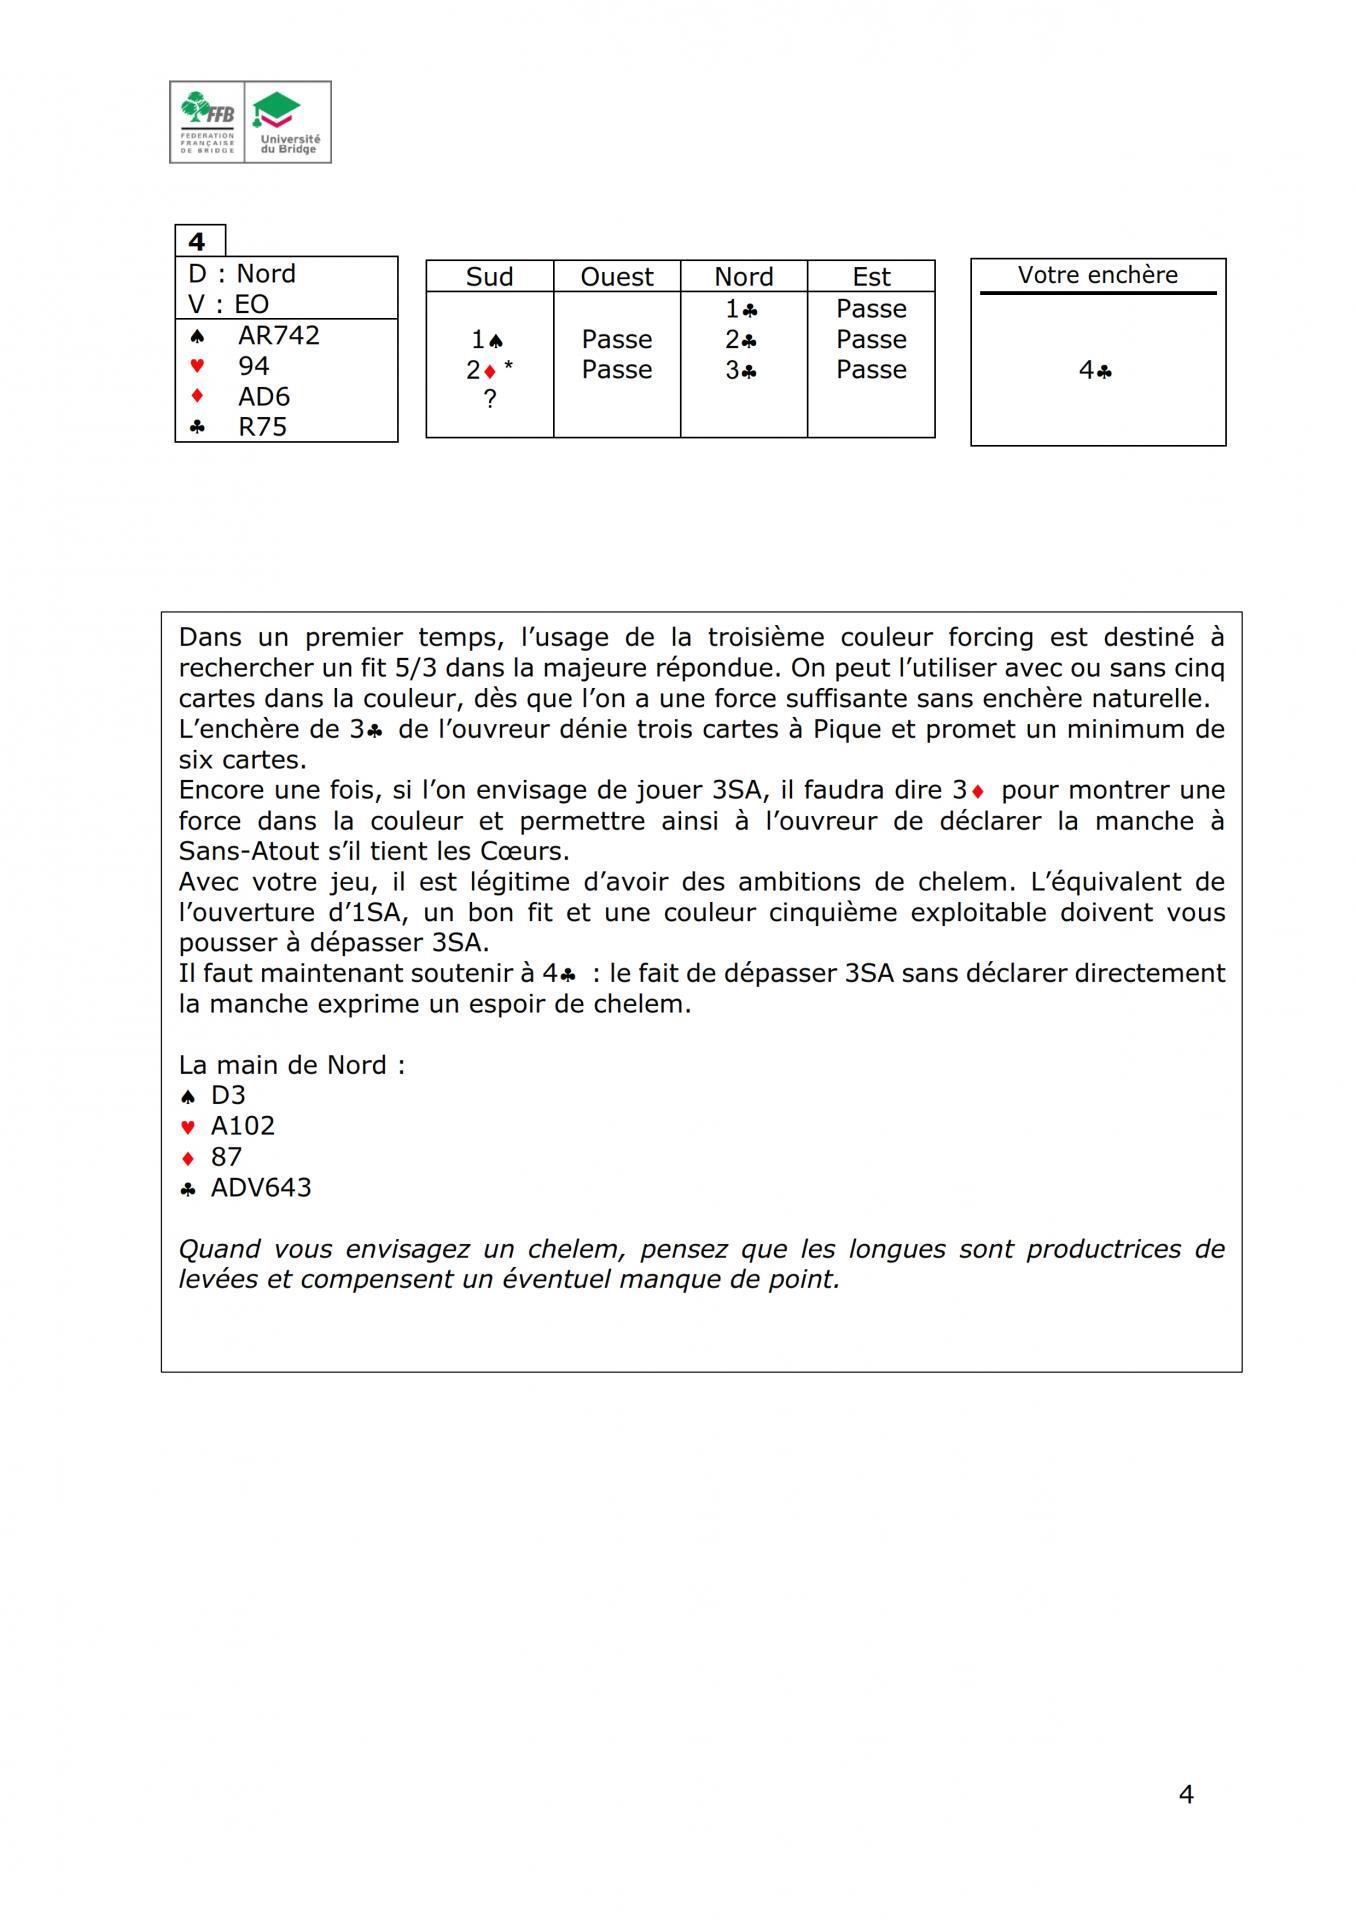 Formation continue des moniteurs solutions mars2020 004